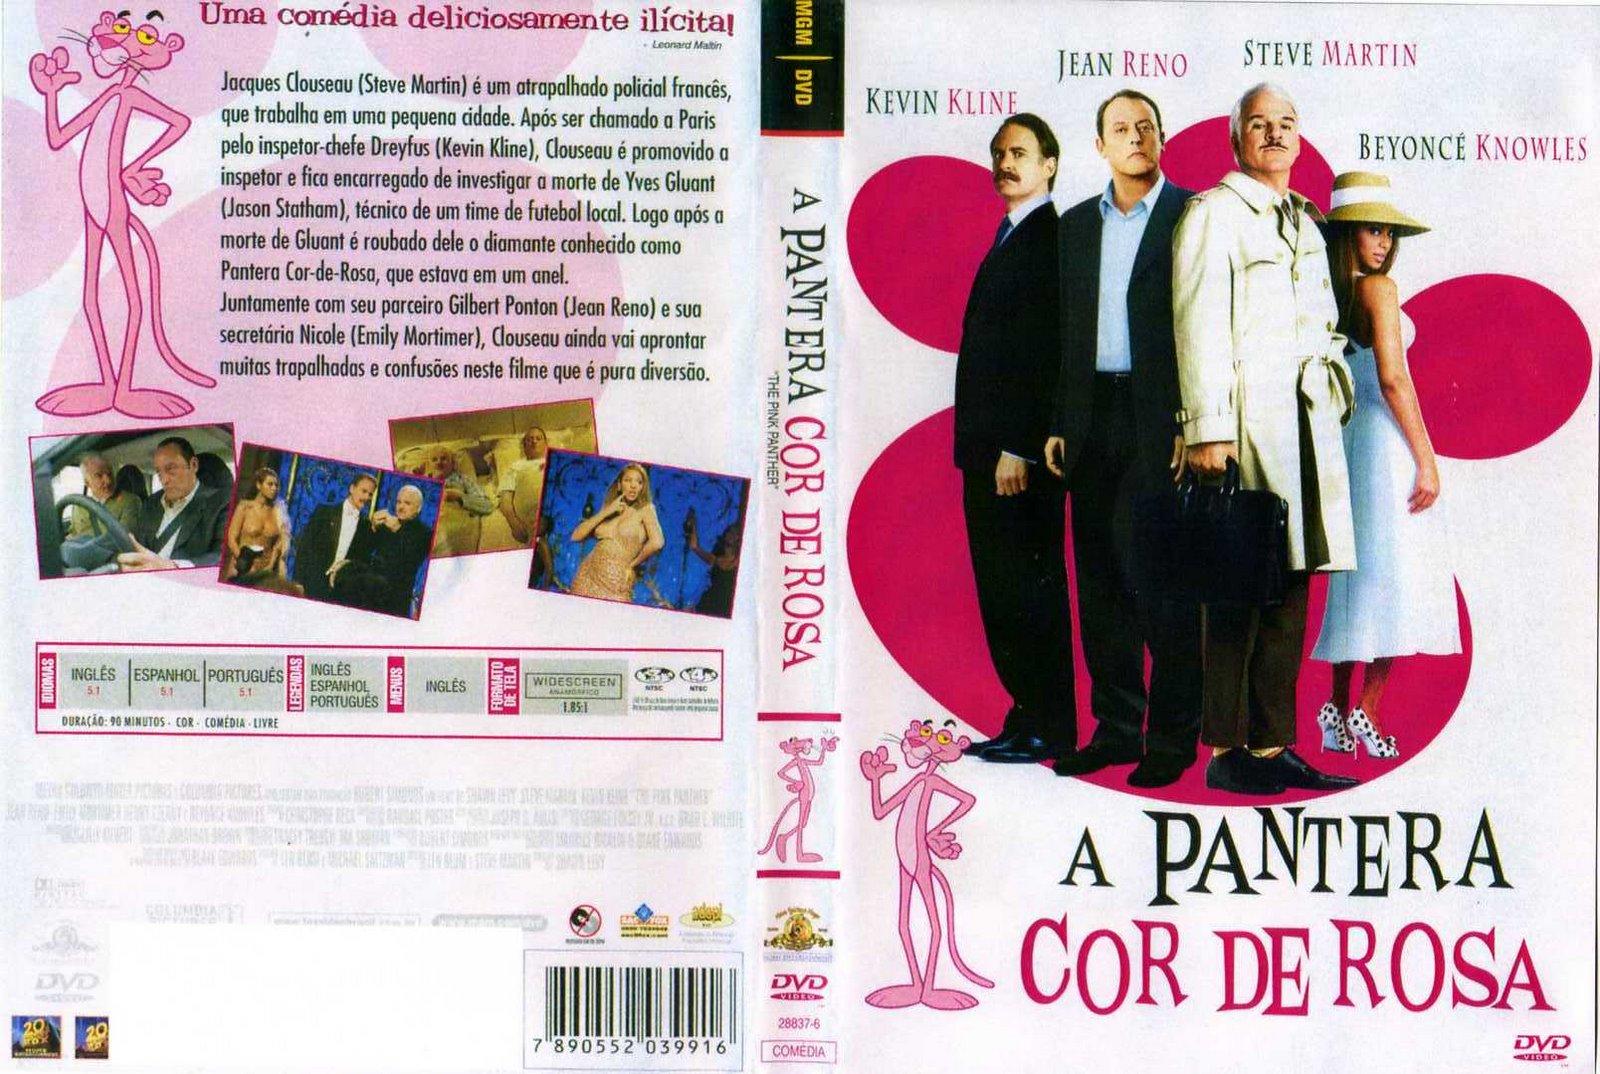 http://4.bp.blogspot.com/_ET4mSvvgIvQ/S-lYJNWApII/AAAAAAAAAdE/fkrVgnEYfl0/s1600/a+pantera+cor+de+rosa.jpg